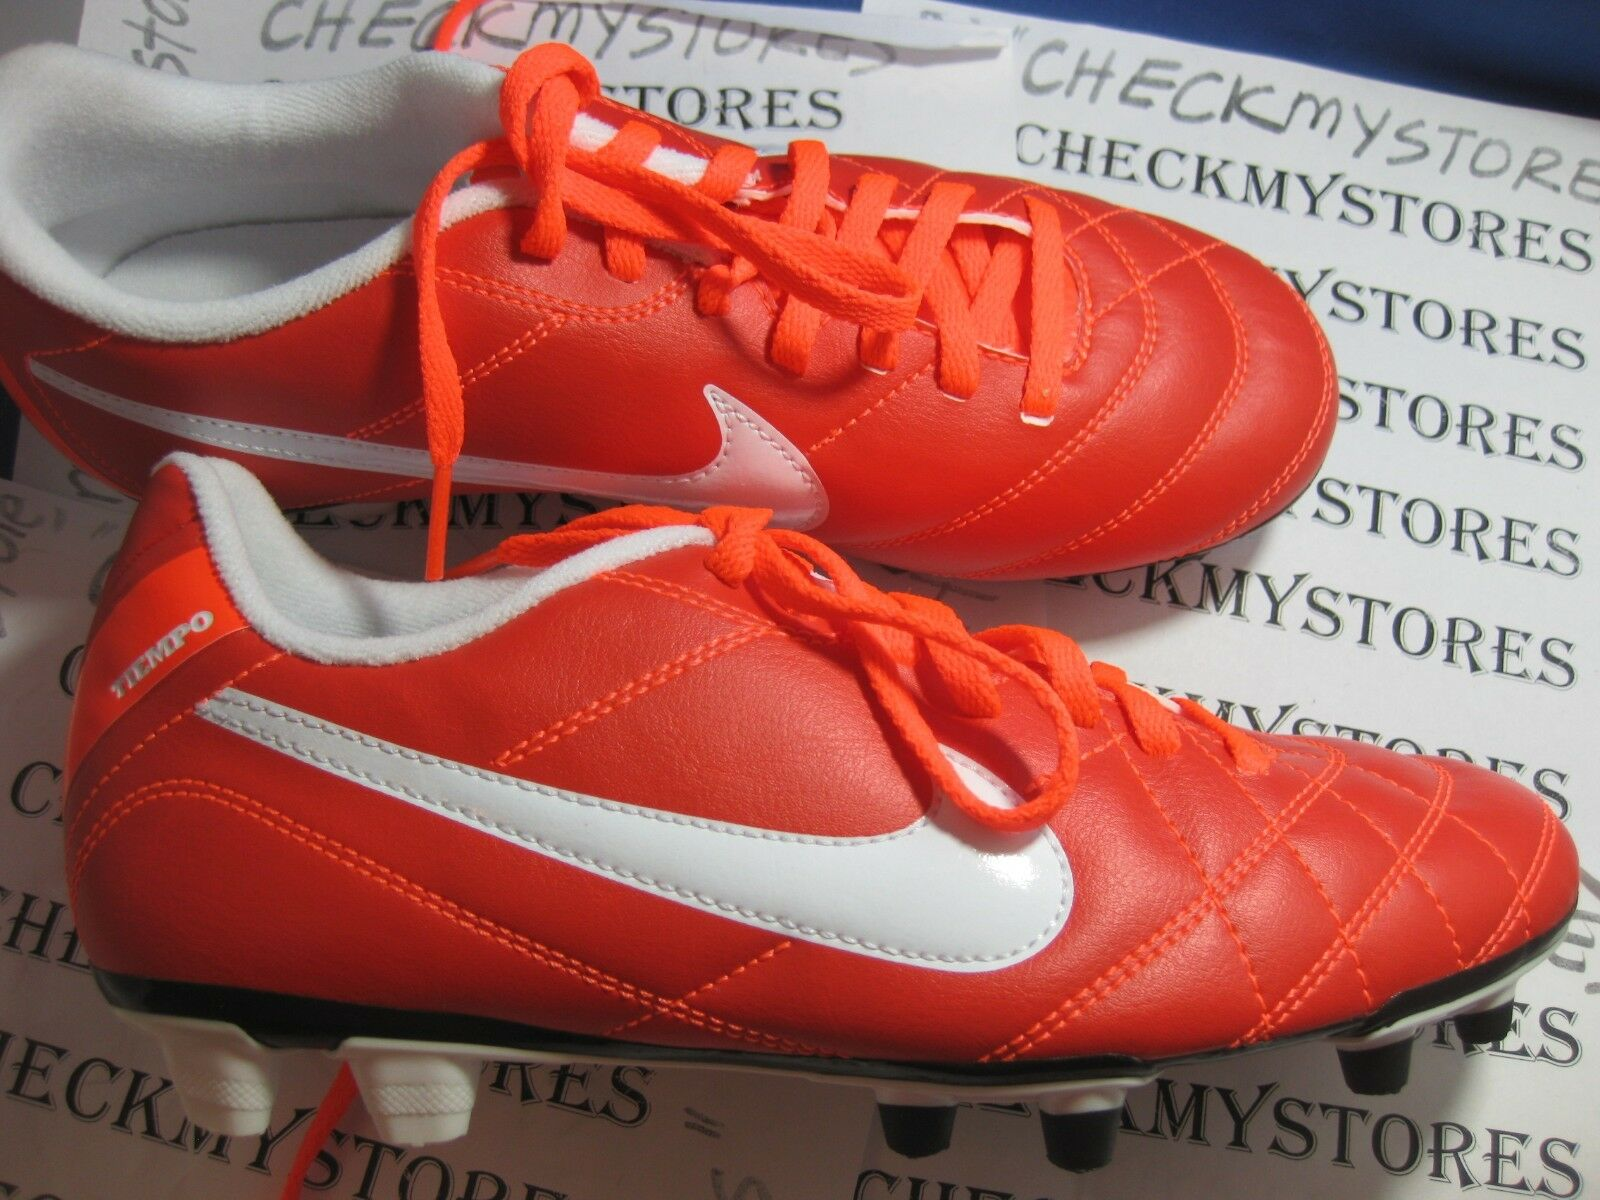 New Nike Tiempo Rio FG Premium Outdoor para / Calzado de fútbol para Outdoor suelo firme el mas popular de zapatos para hombres y mujeres 5031f7